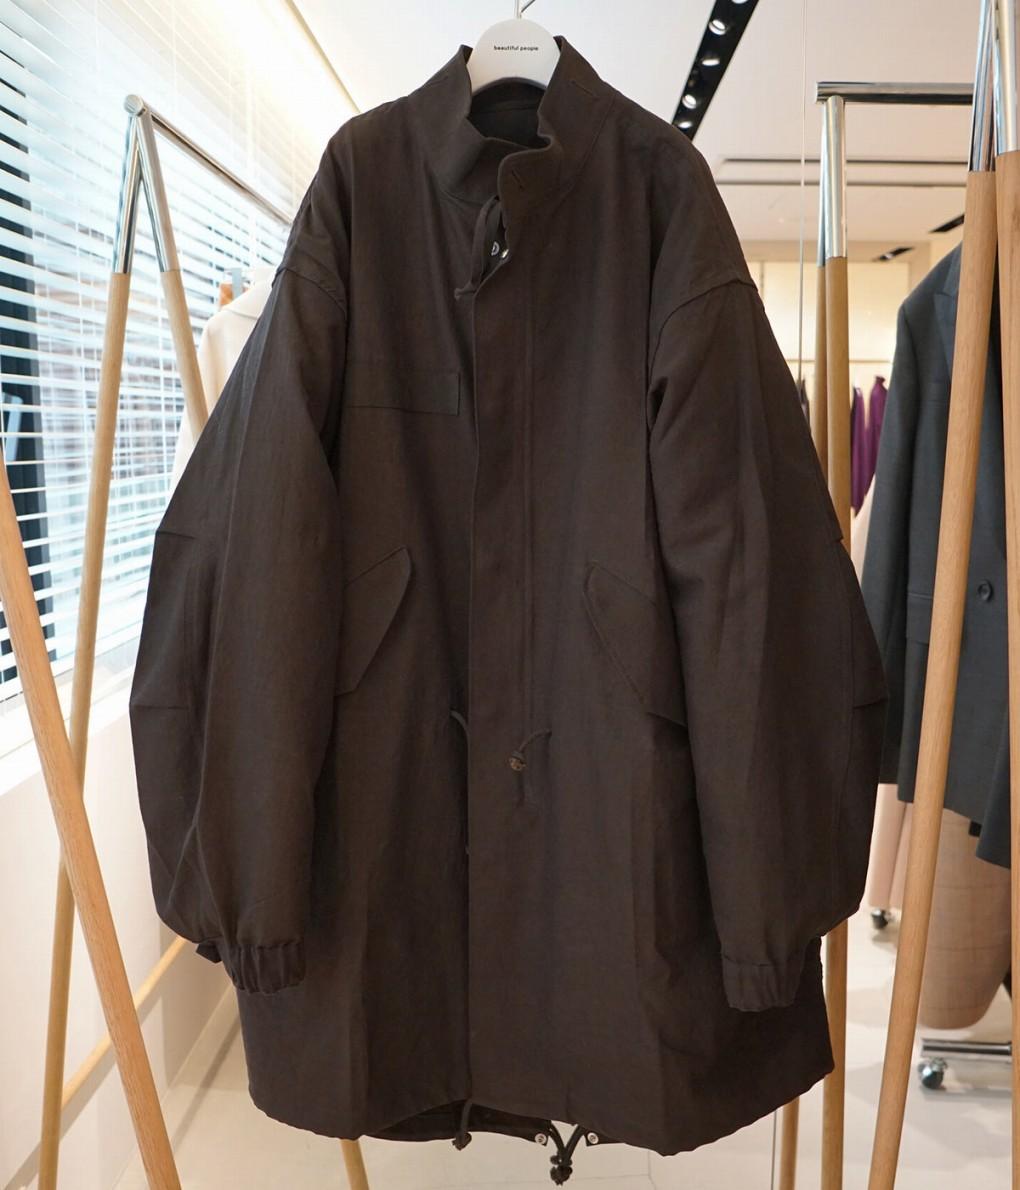 ■【予約商品 2019年9月~10月入荷予定】beautiful people / ビューティフルピープル : mohair gabardine military mods coat : オーバーサイズ モヘア ギャバジン ミリタリー モッズコート ライナー取外可能 キルティング : 1935103021 【ANN】